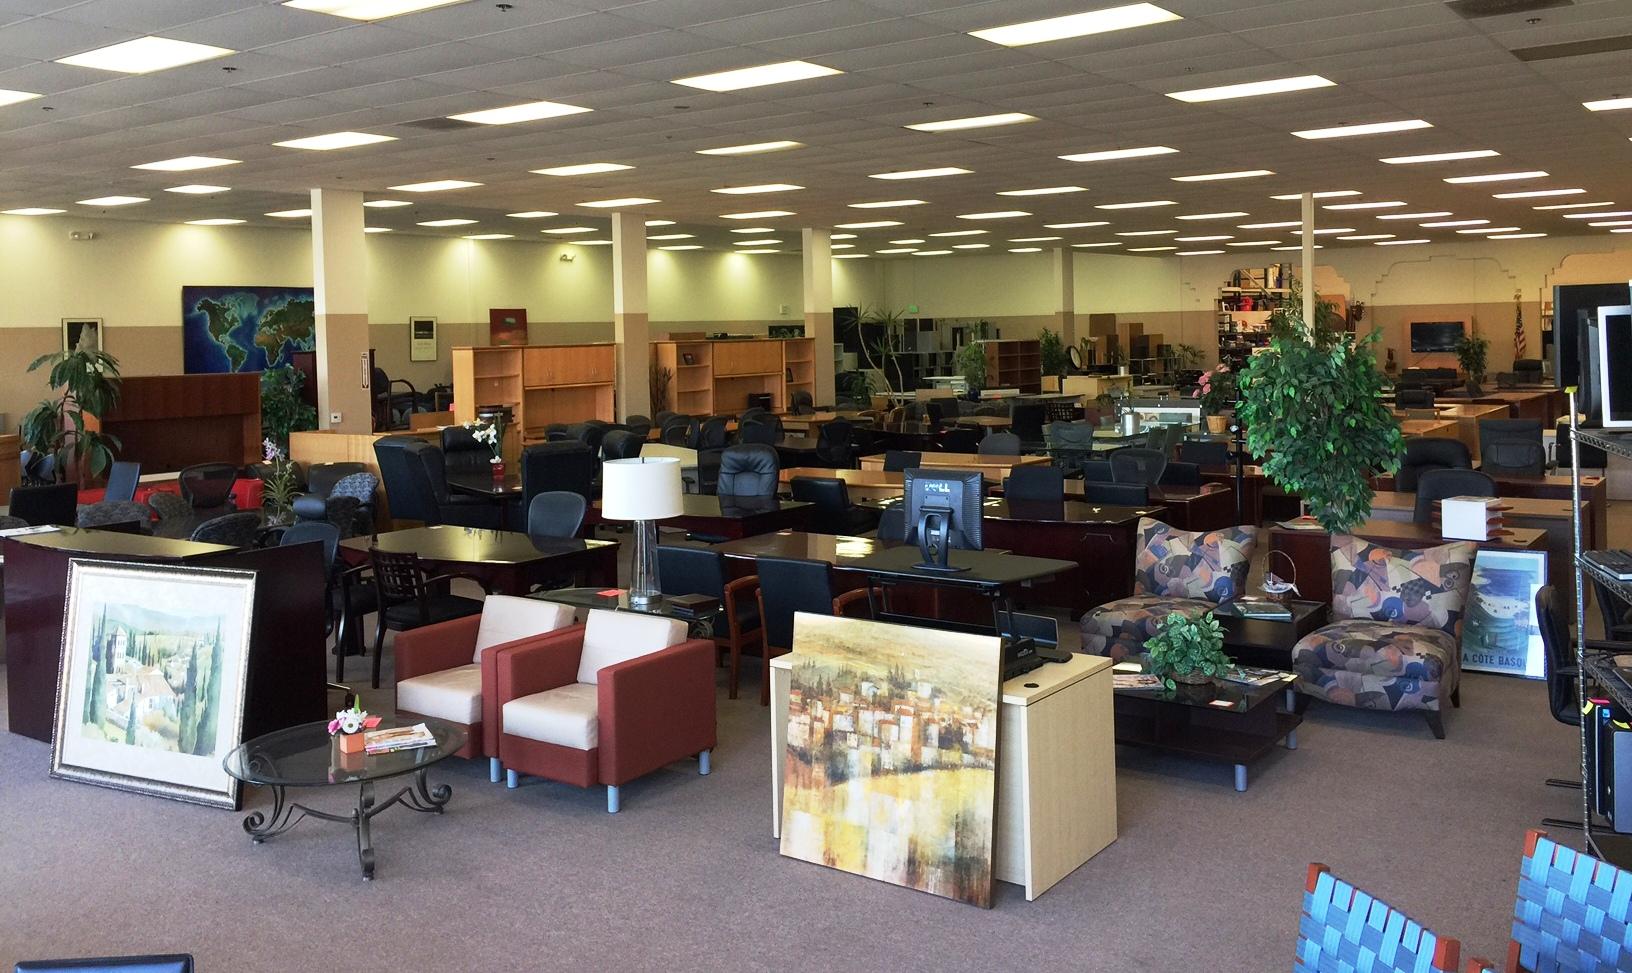 Wide Office Showroom Floor View